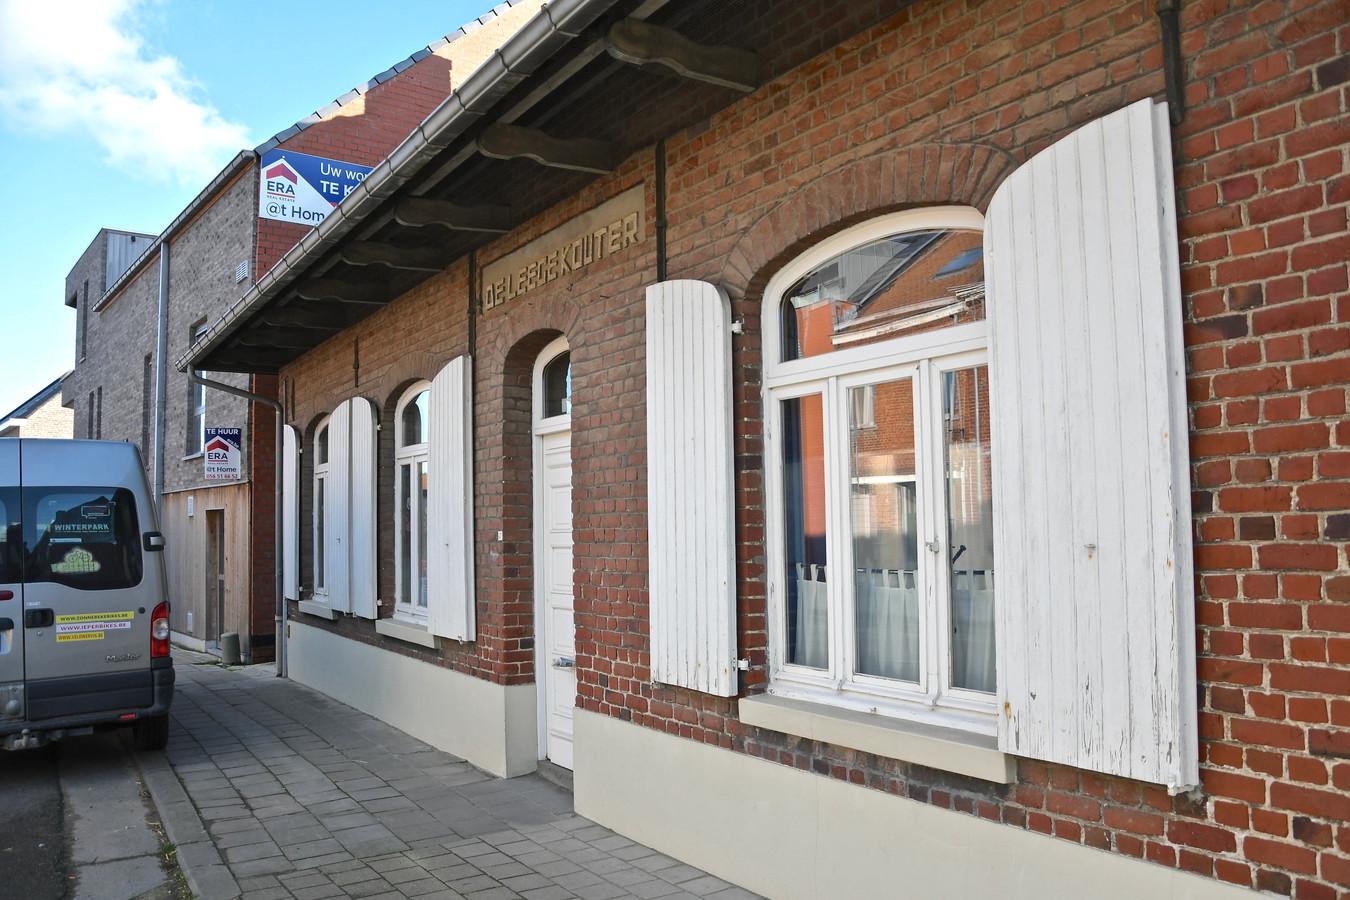 De buitenschoolse kinderopvang Bondgenootje in de Ieperstraat in Zonnebeke.